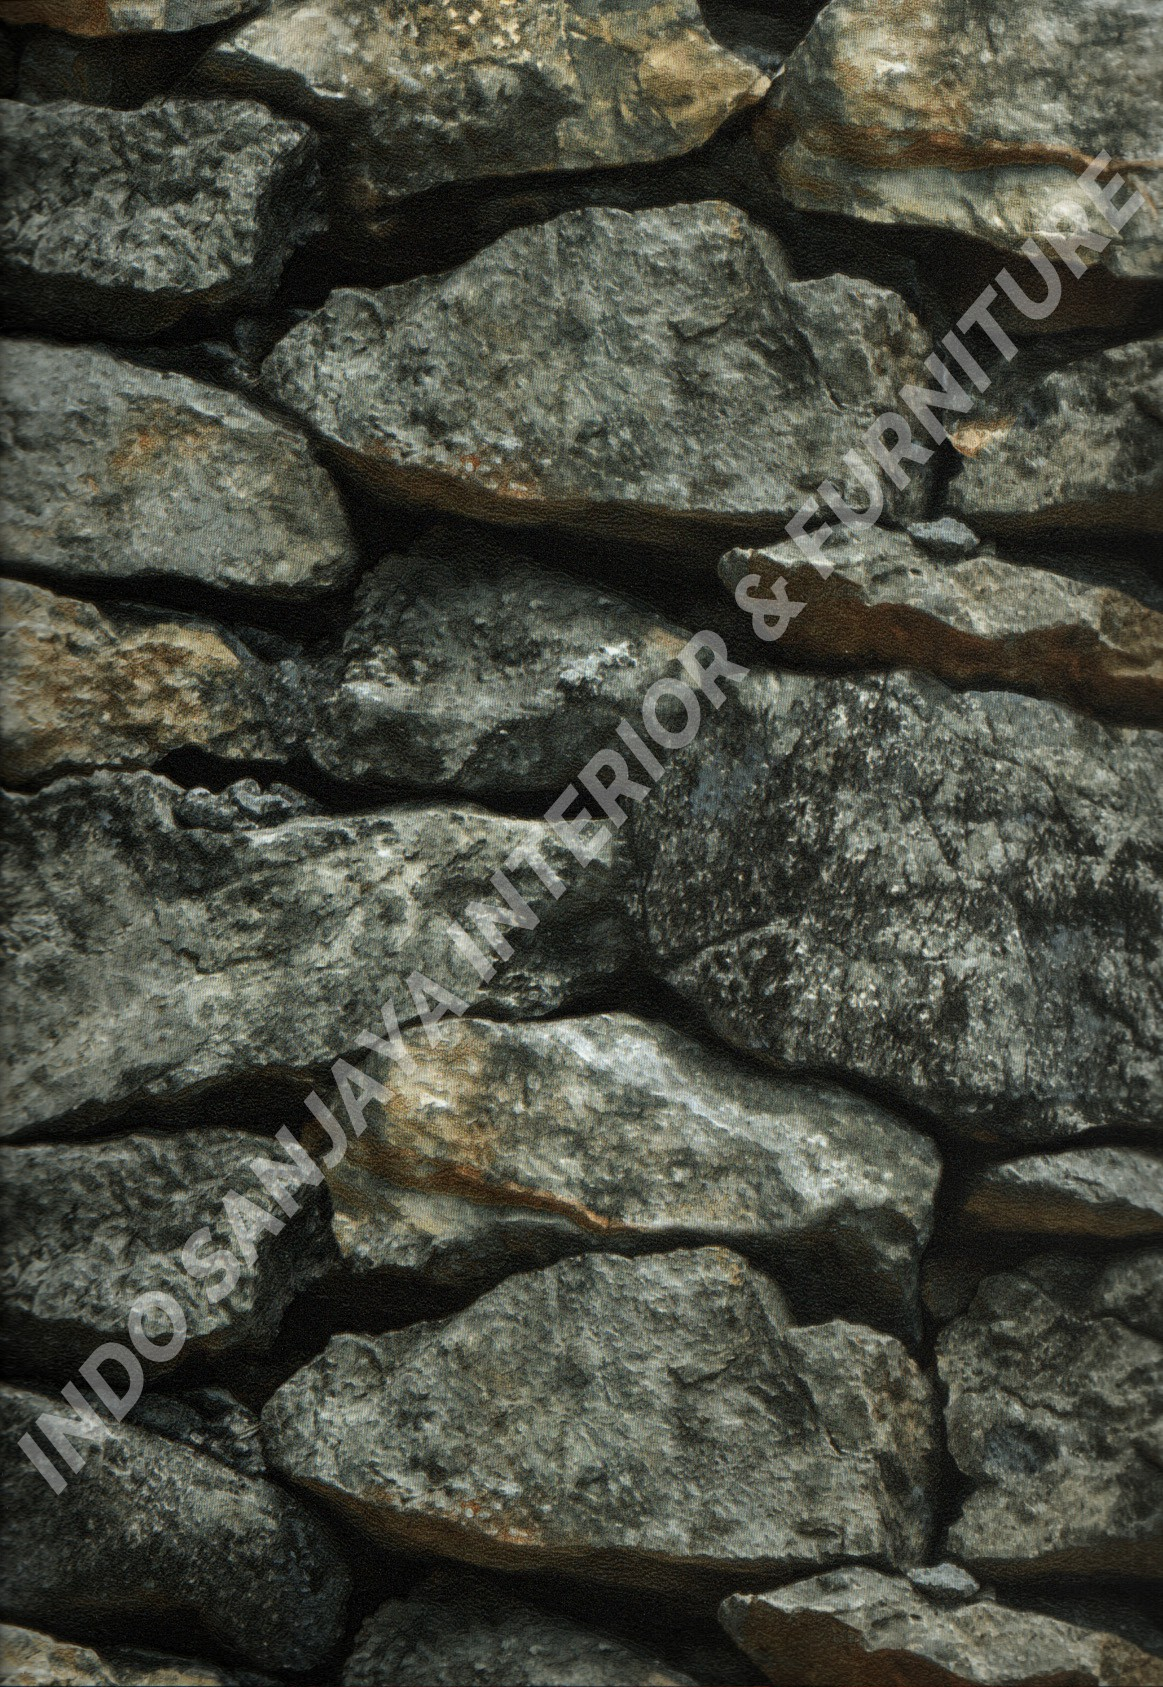 wallpaper   Wallpaper Batu-Batuan 40121-1:40121-1 corak  warna